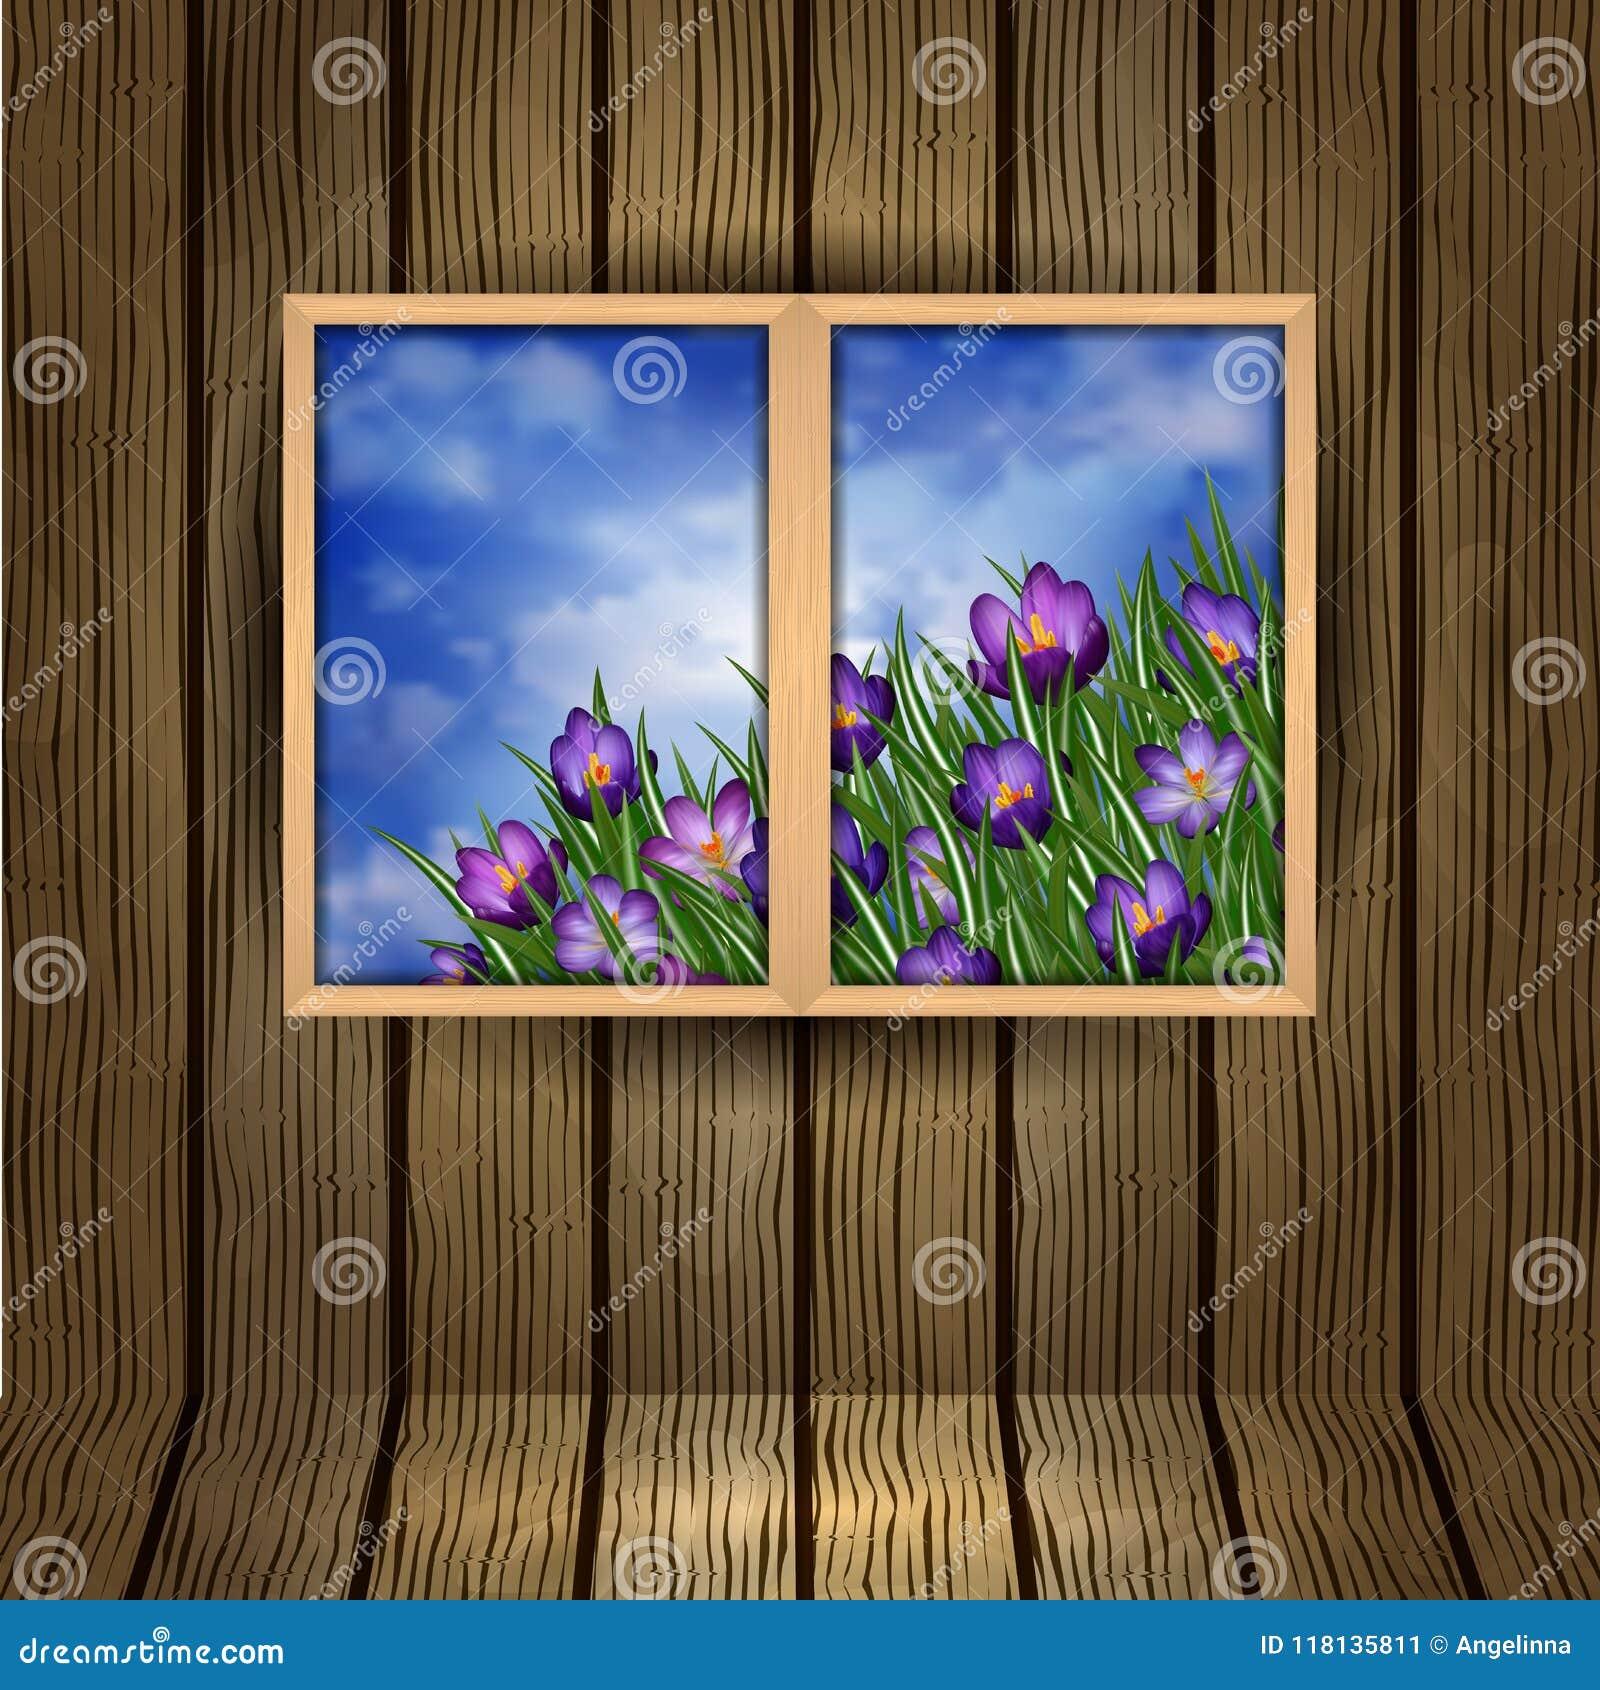 Krokusblumen außerhalb des Fensters